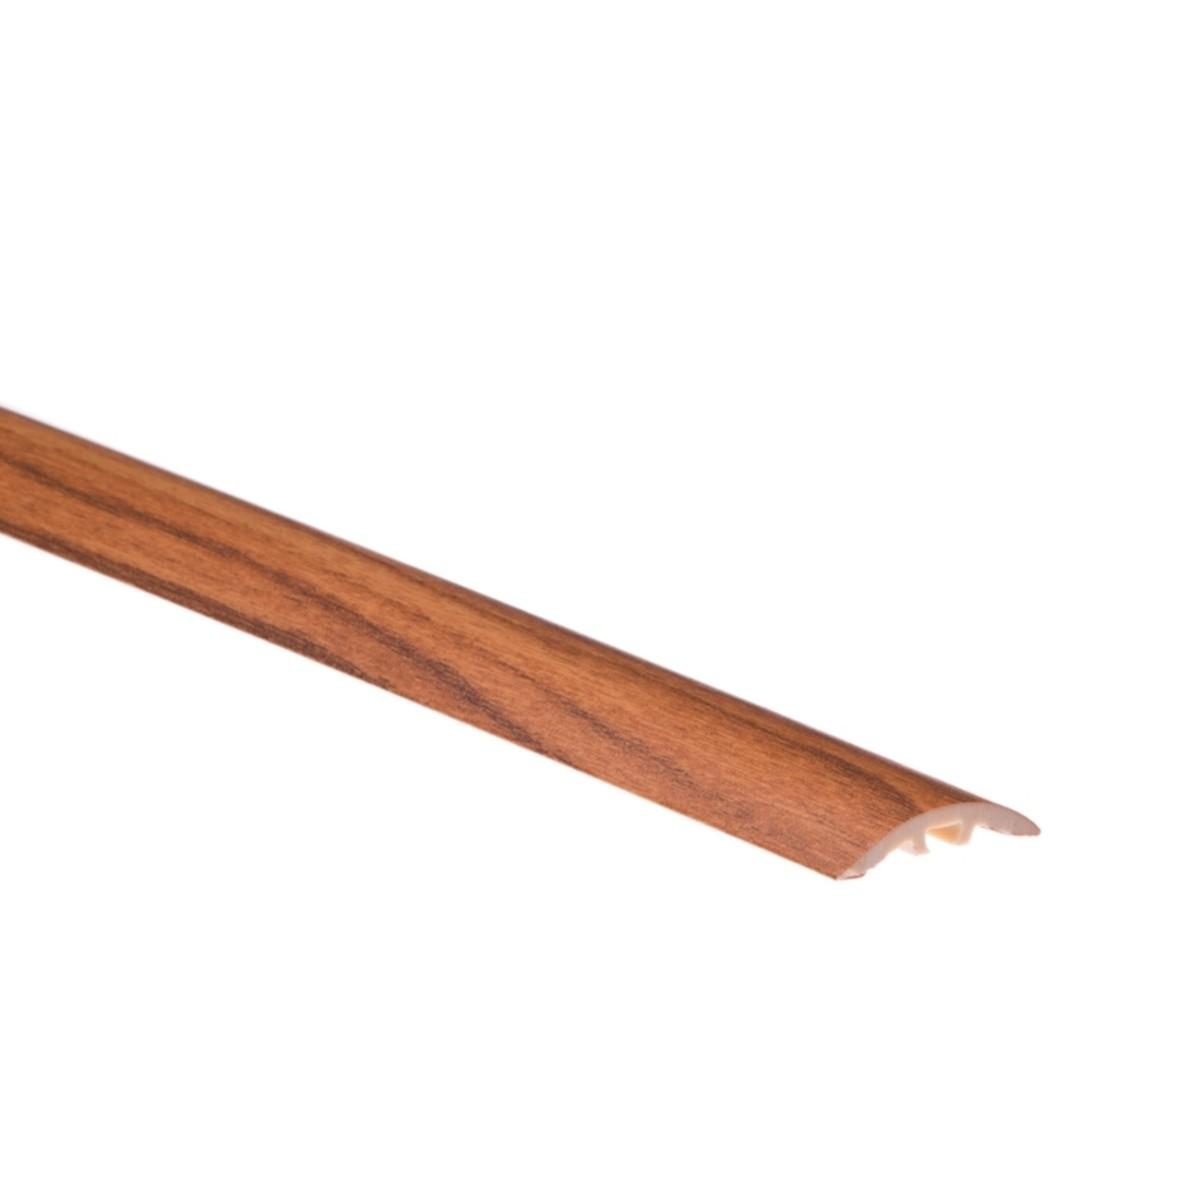 Порог одноуровневый (стык) с креплением Орех золотой 30 мм х 09 м